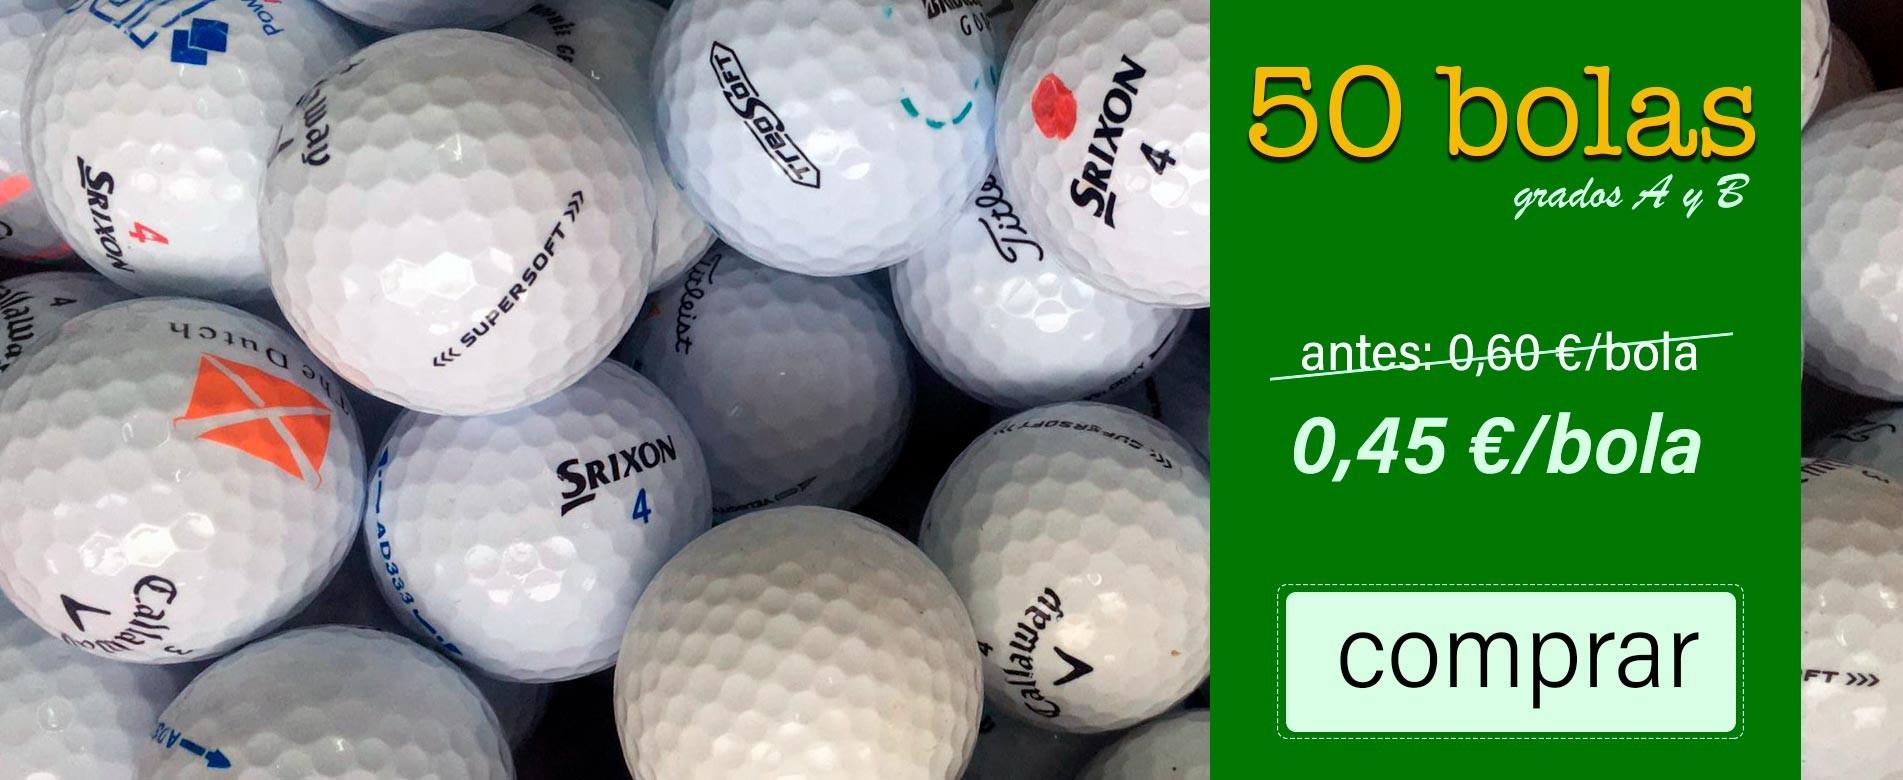 Promoción de 50 pelotas de golf de primeras marcas como Callaway, Taylor Made, Srixon, Titleist, etc.